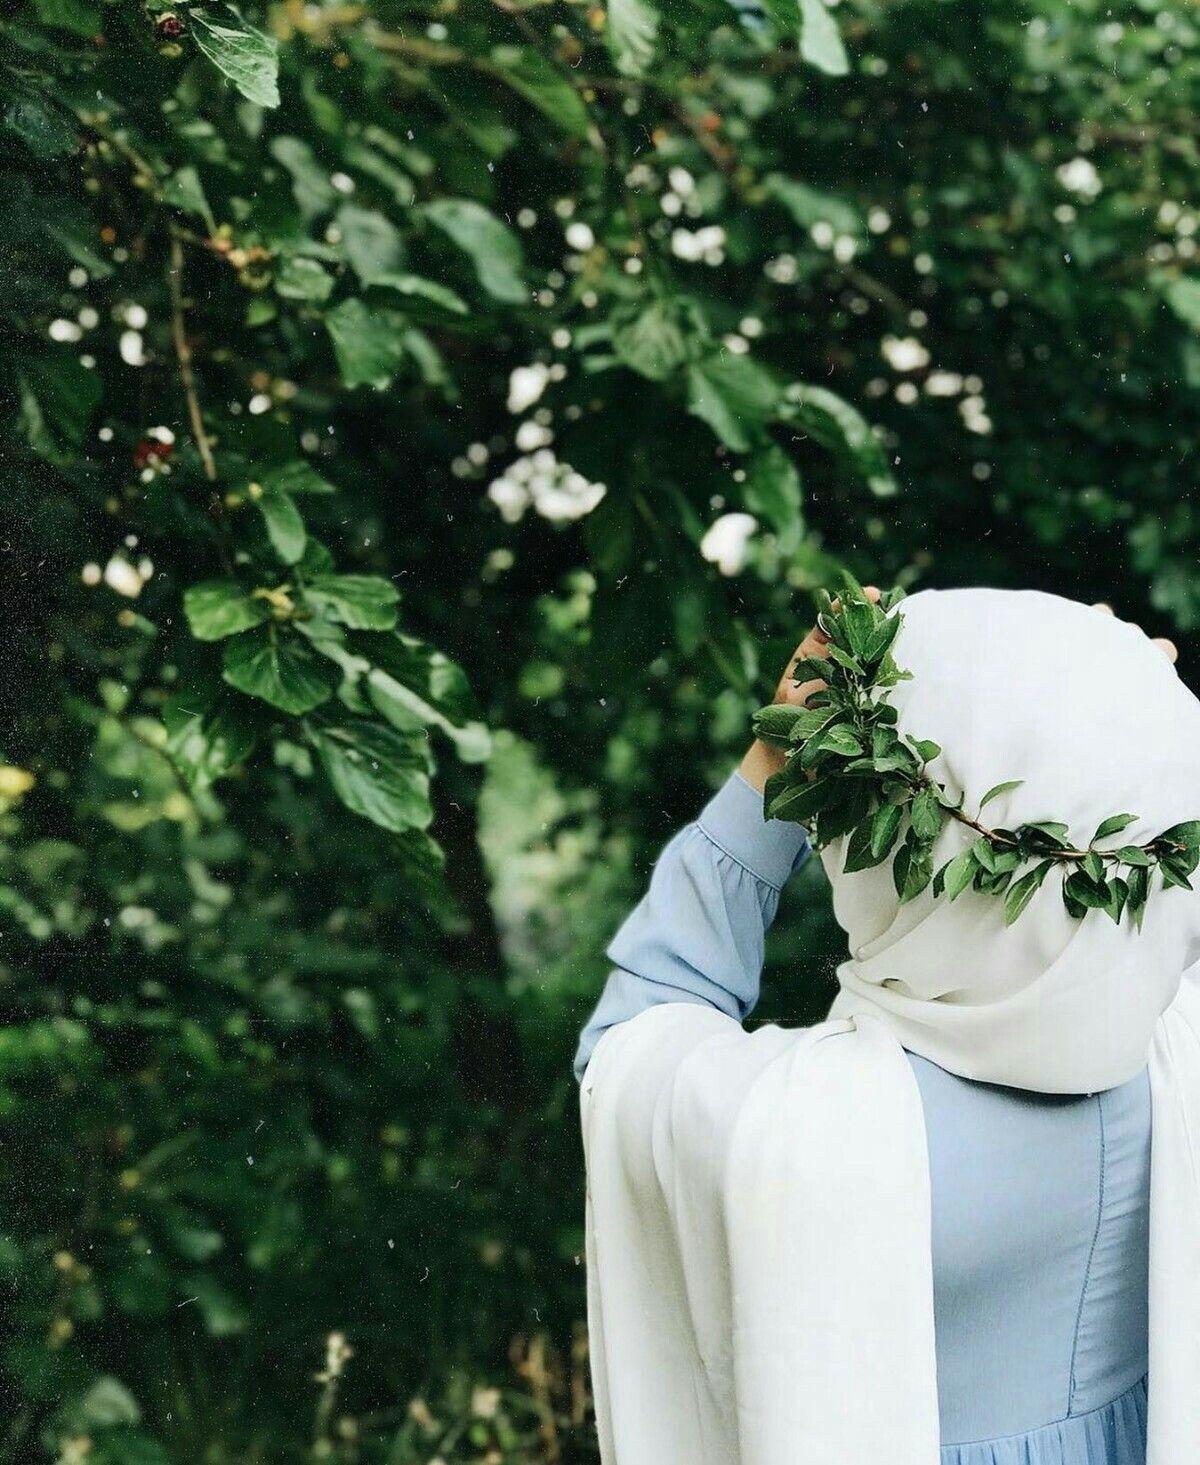 Pinterest Khairahscorner For More Photo Profil Photo De Dos Photo De Profil Fille